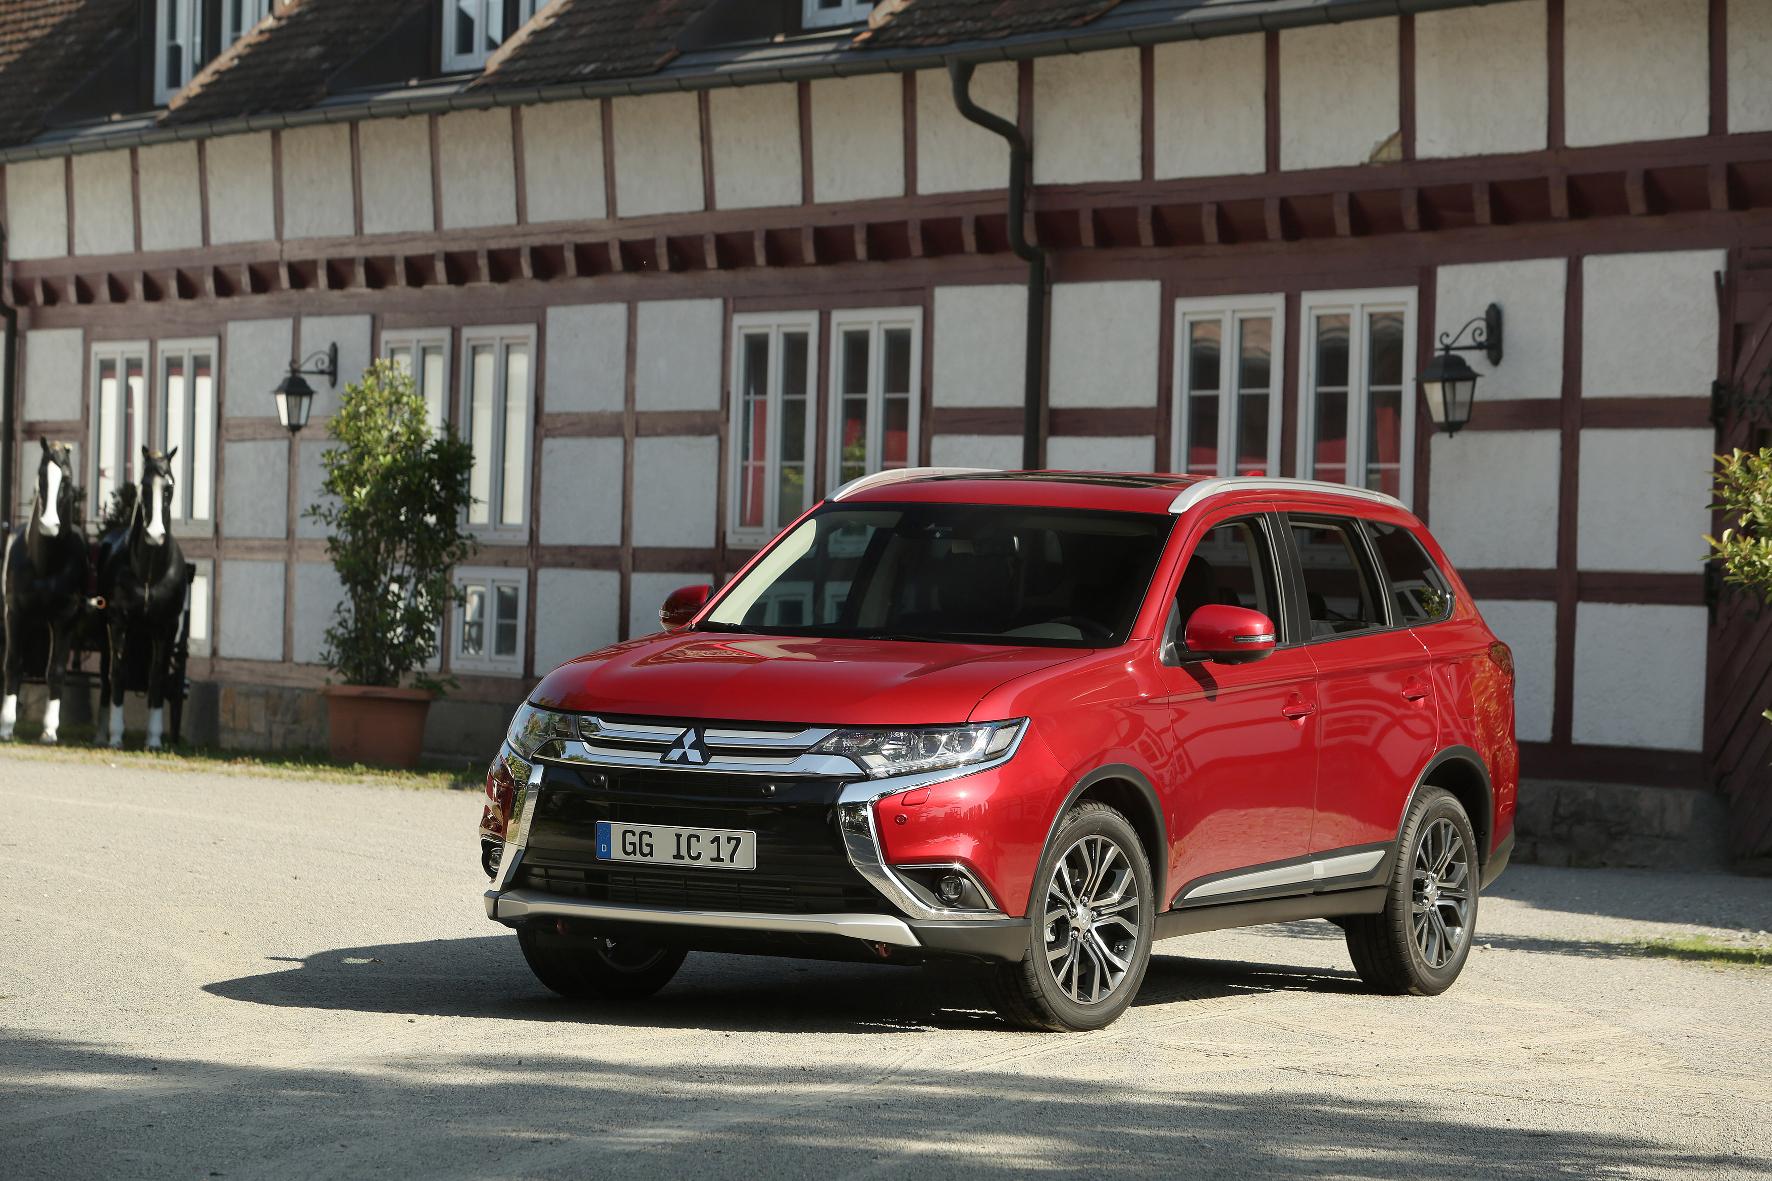 mid Groß-Gerau - Kosmetischer Feinschliff: Mitsubishi hat seinem SUV Outlander ein Facelift verpasst. Die Frontpartie ist mit reichlich Chrom verziert.